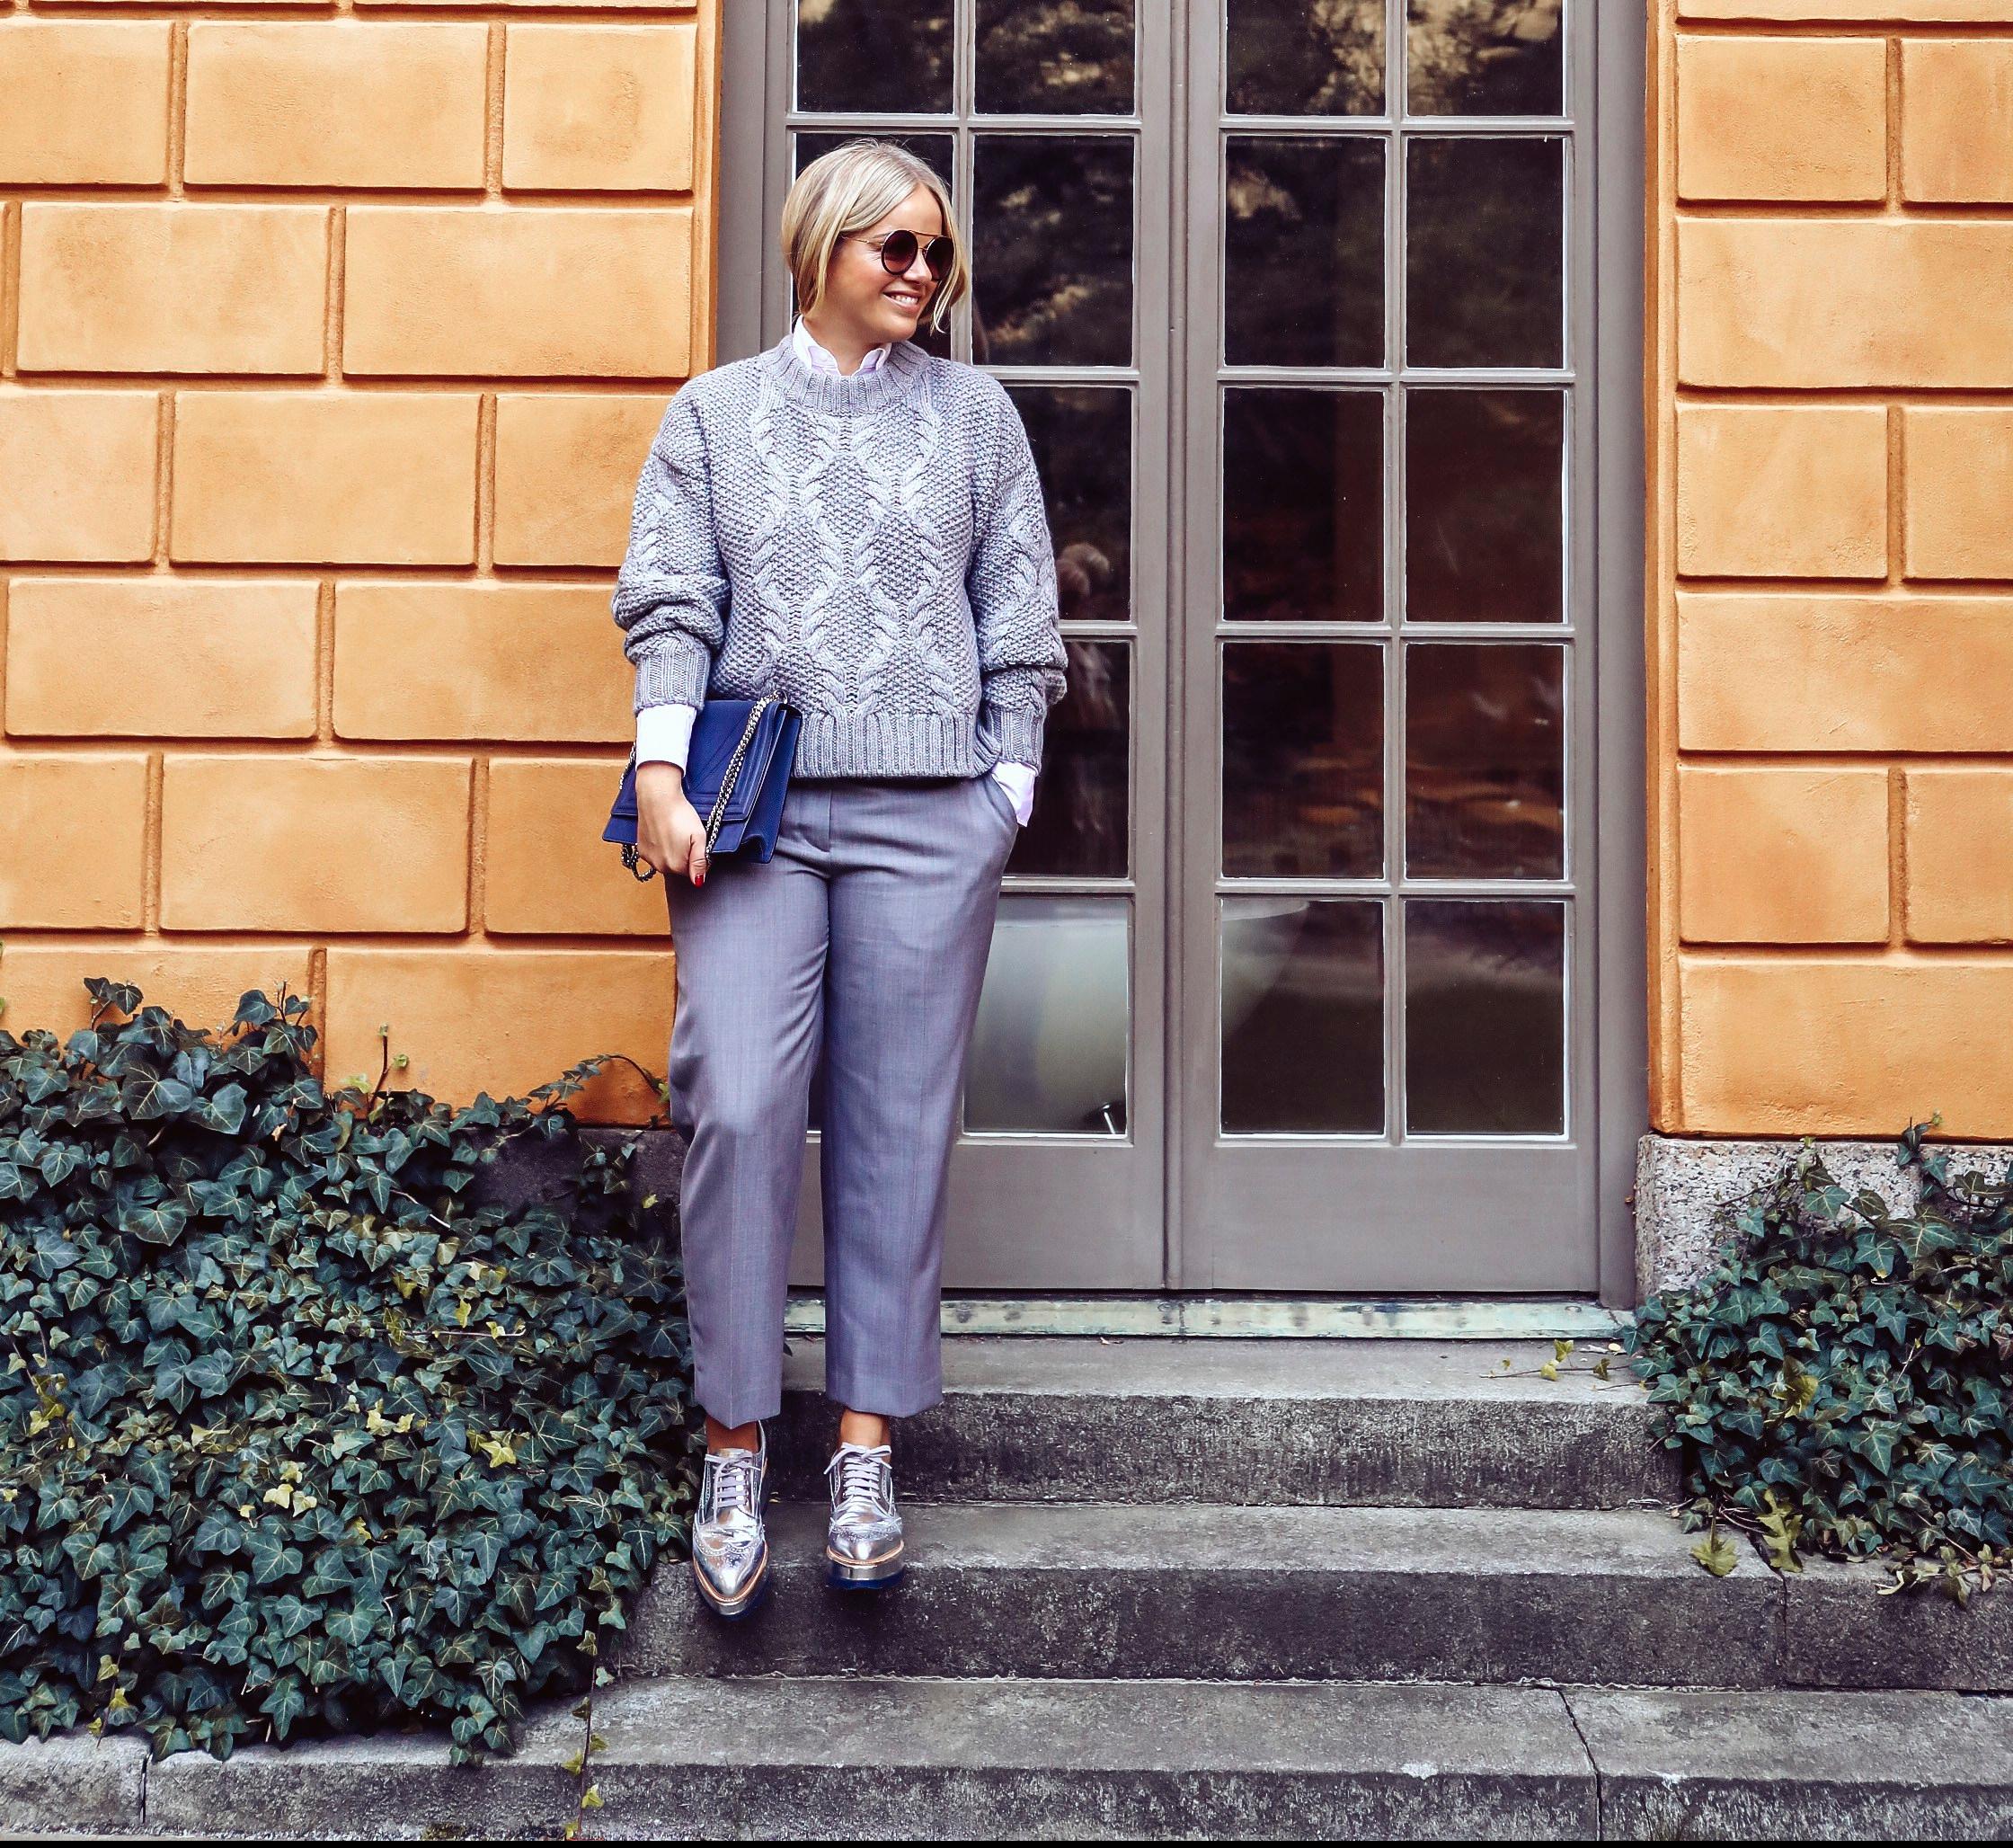 9197c7c6a907 Med självförtroendet i… skorna? – Ebba Kleberg von Sydow